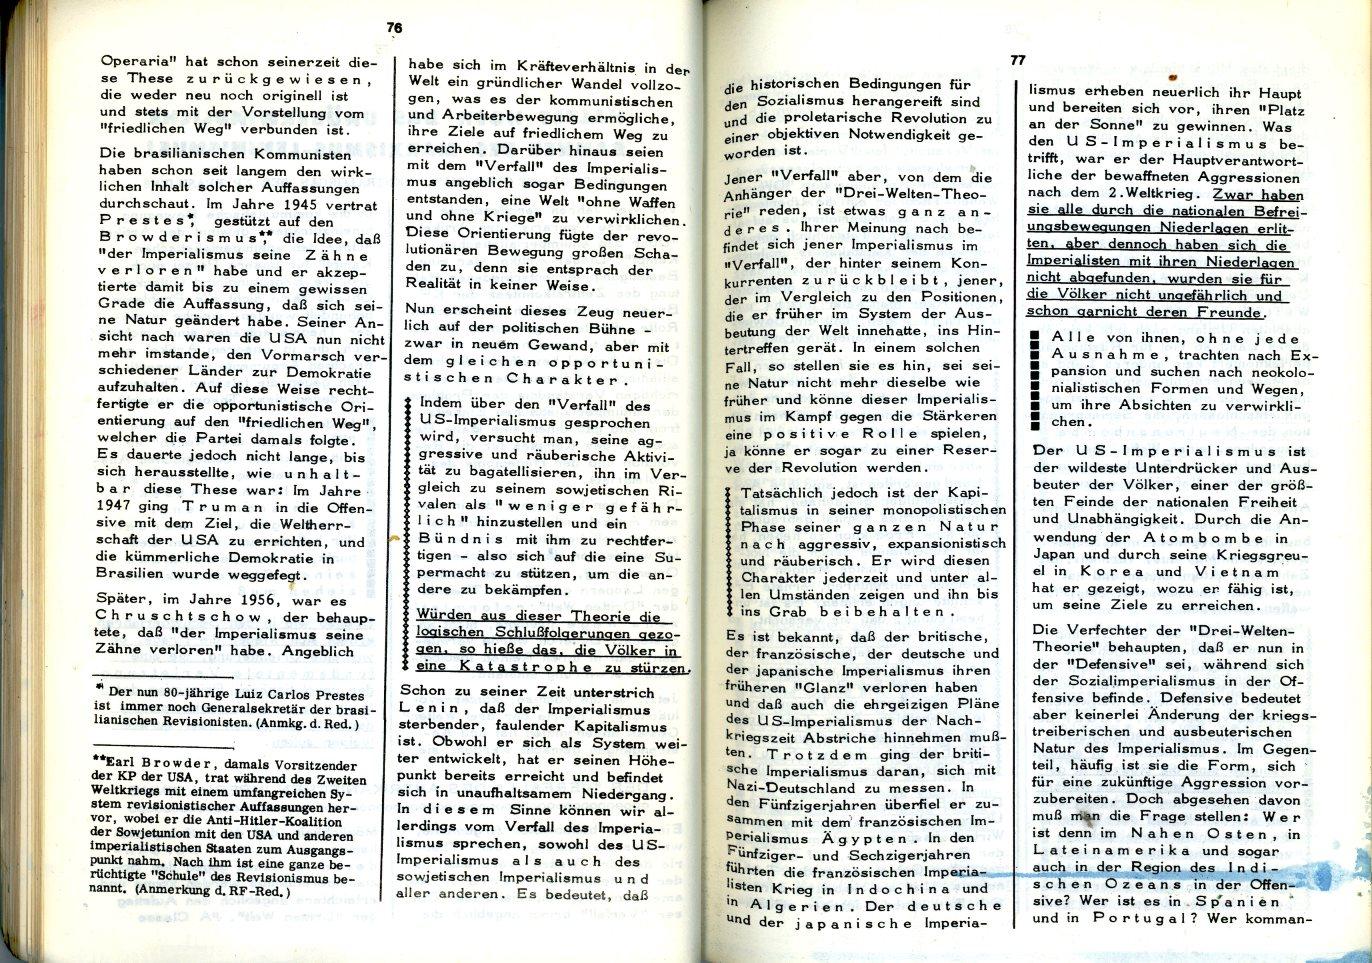 MLSK_Theorie_und_Praxis_des_ML_1978_20_47